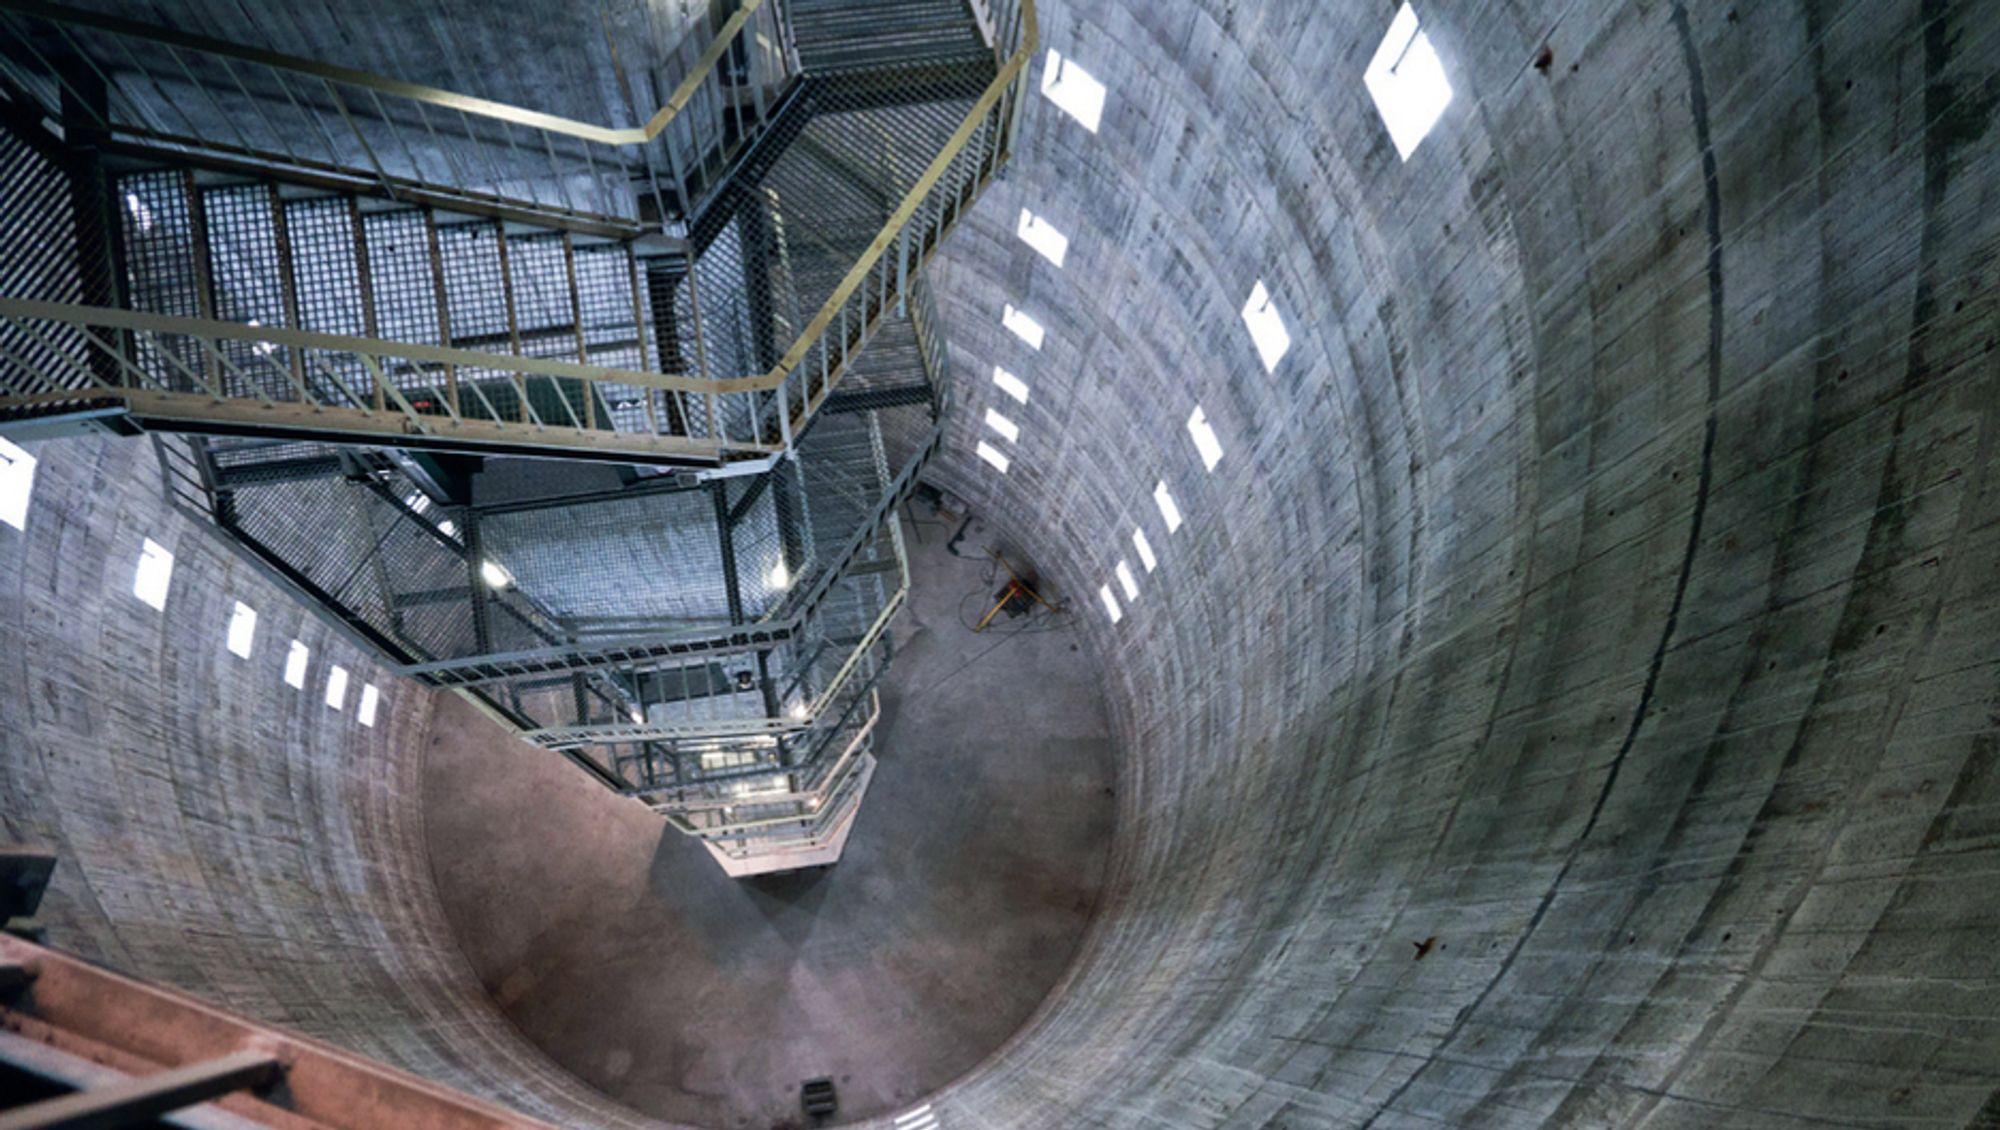 STORE DIMENSJONER: Det er luftige dimensjoner over Norkrings tårn i Belgia. Fra den første indre plattformen er det 60 meter ned. Opp til øverste plattform er det ytterligere 140 meter og helt til topps er det til sammen 300 meter.